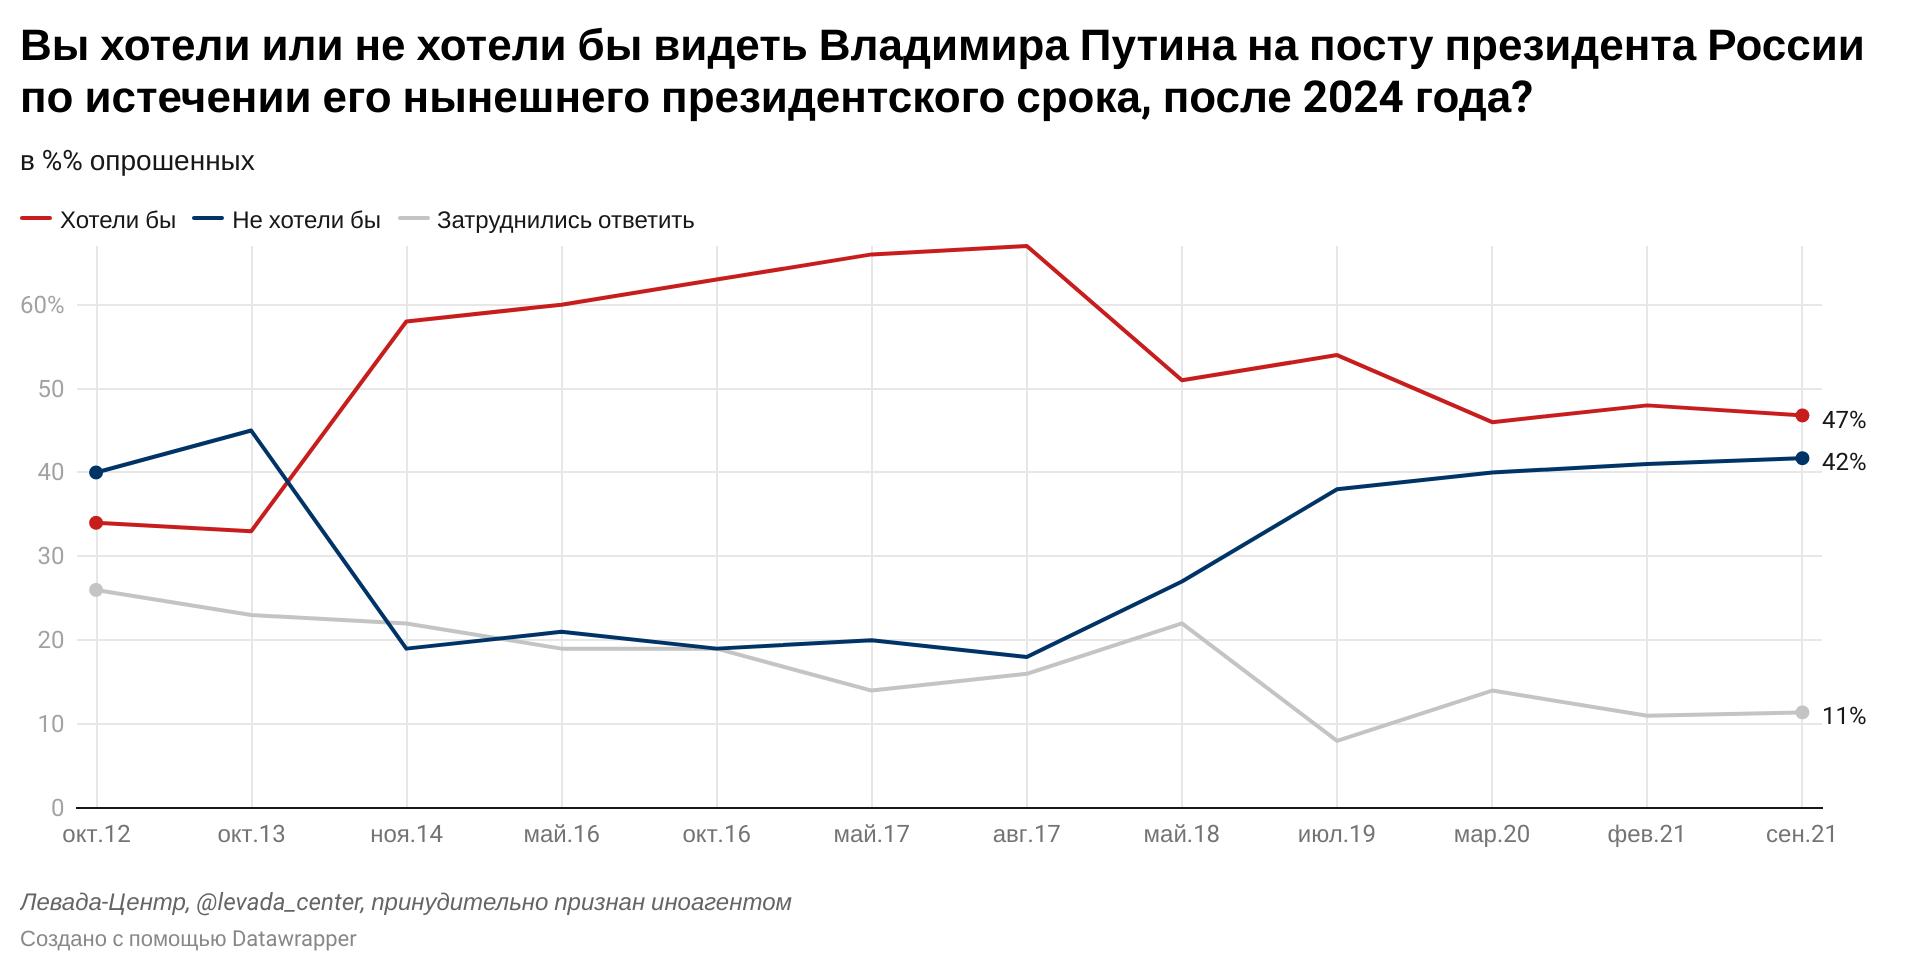 Хотите ли вы видеть Путины на посту Президента РФ после 2024 года?